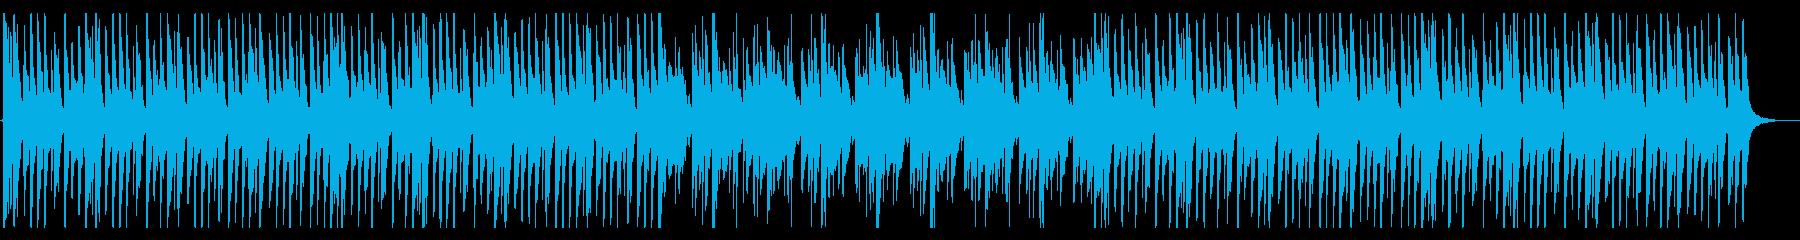 何かを探しているときに流れるBGMの再生済みの波形